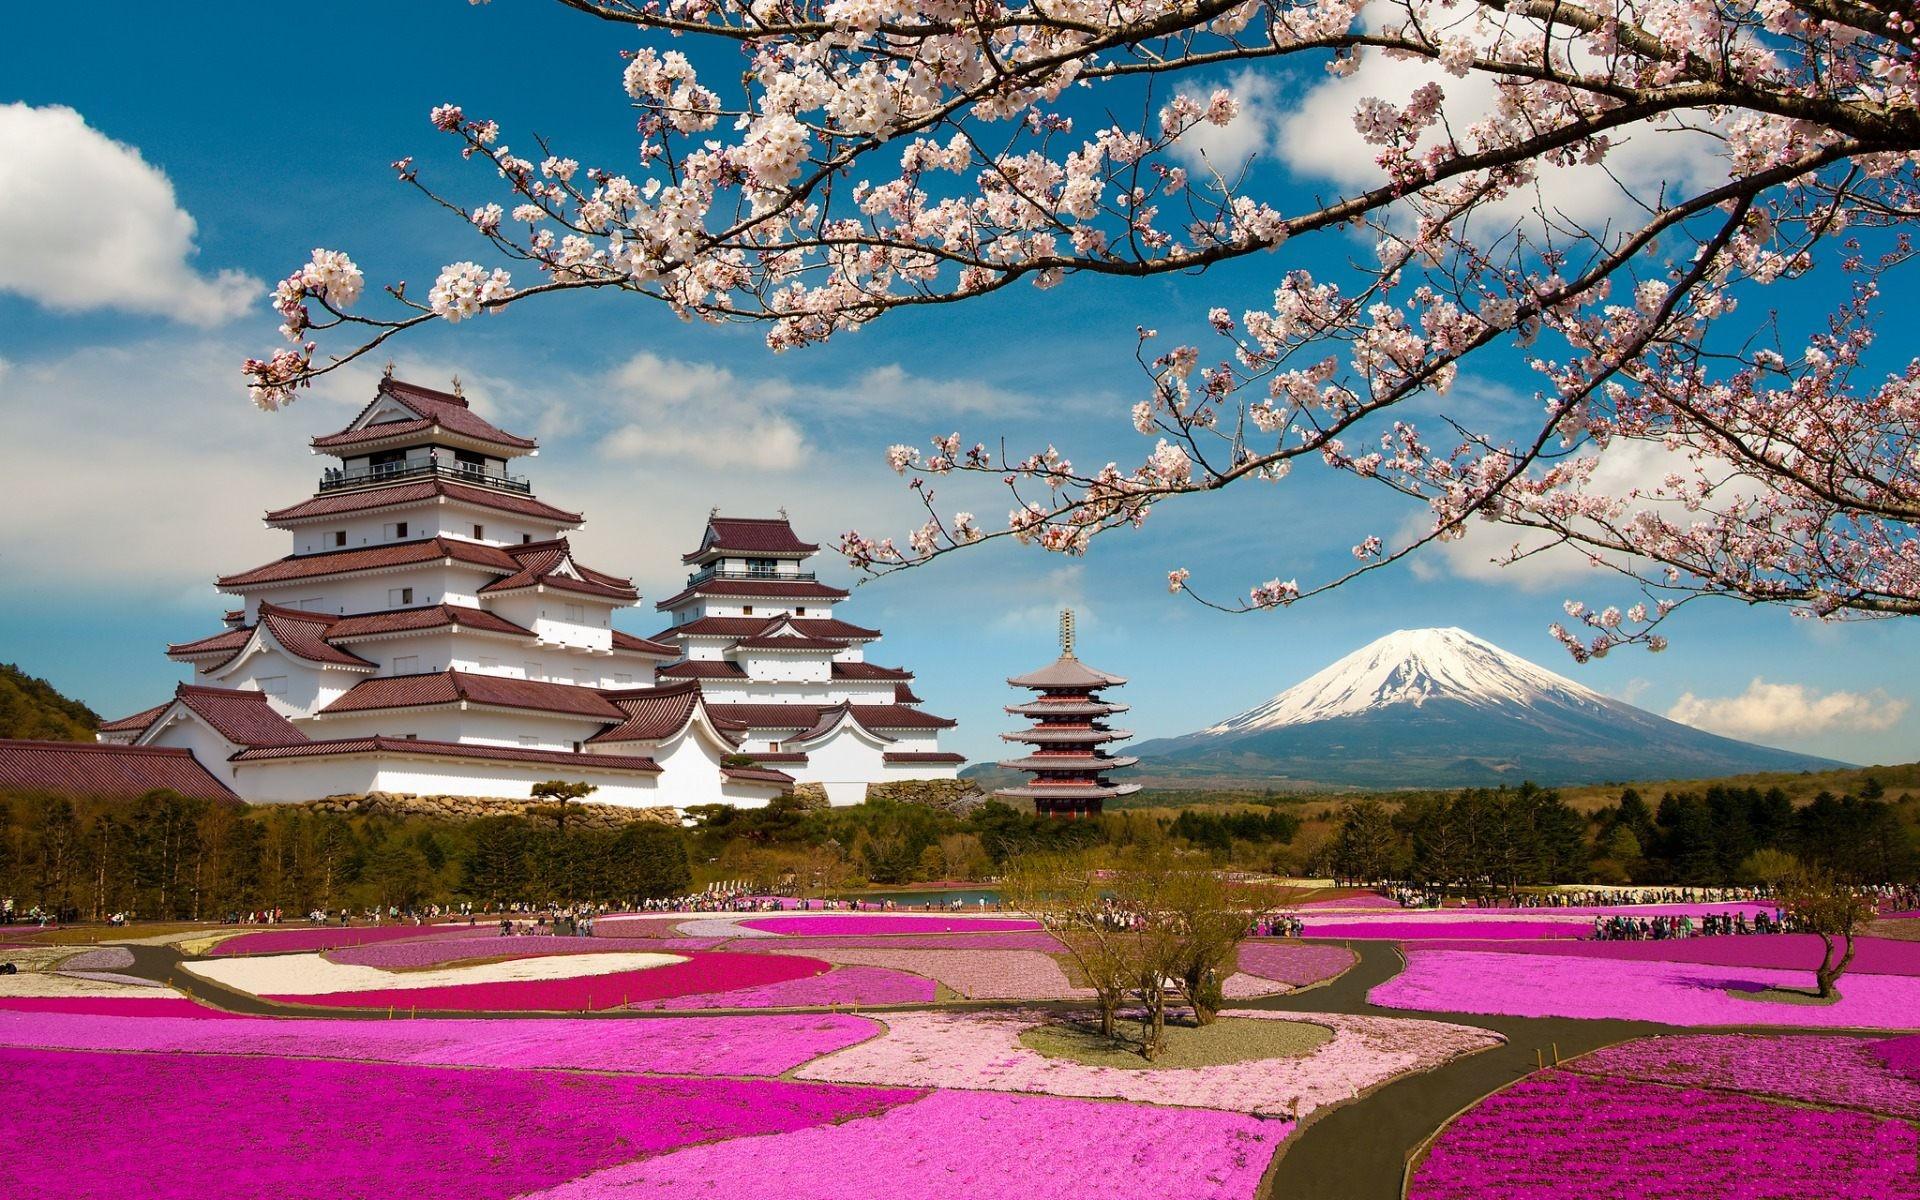 Res: 1920x1200, Mt Fuji Japan Scenery Wallpaper HD Download For Desktop